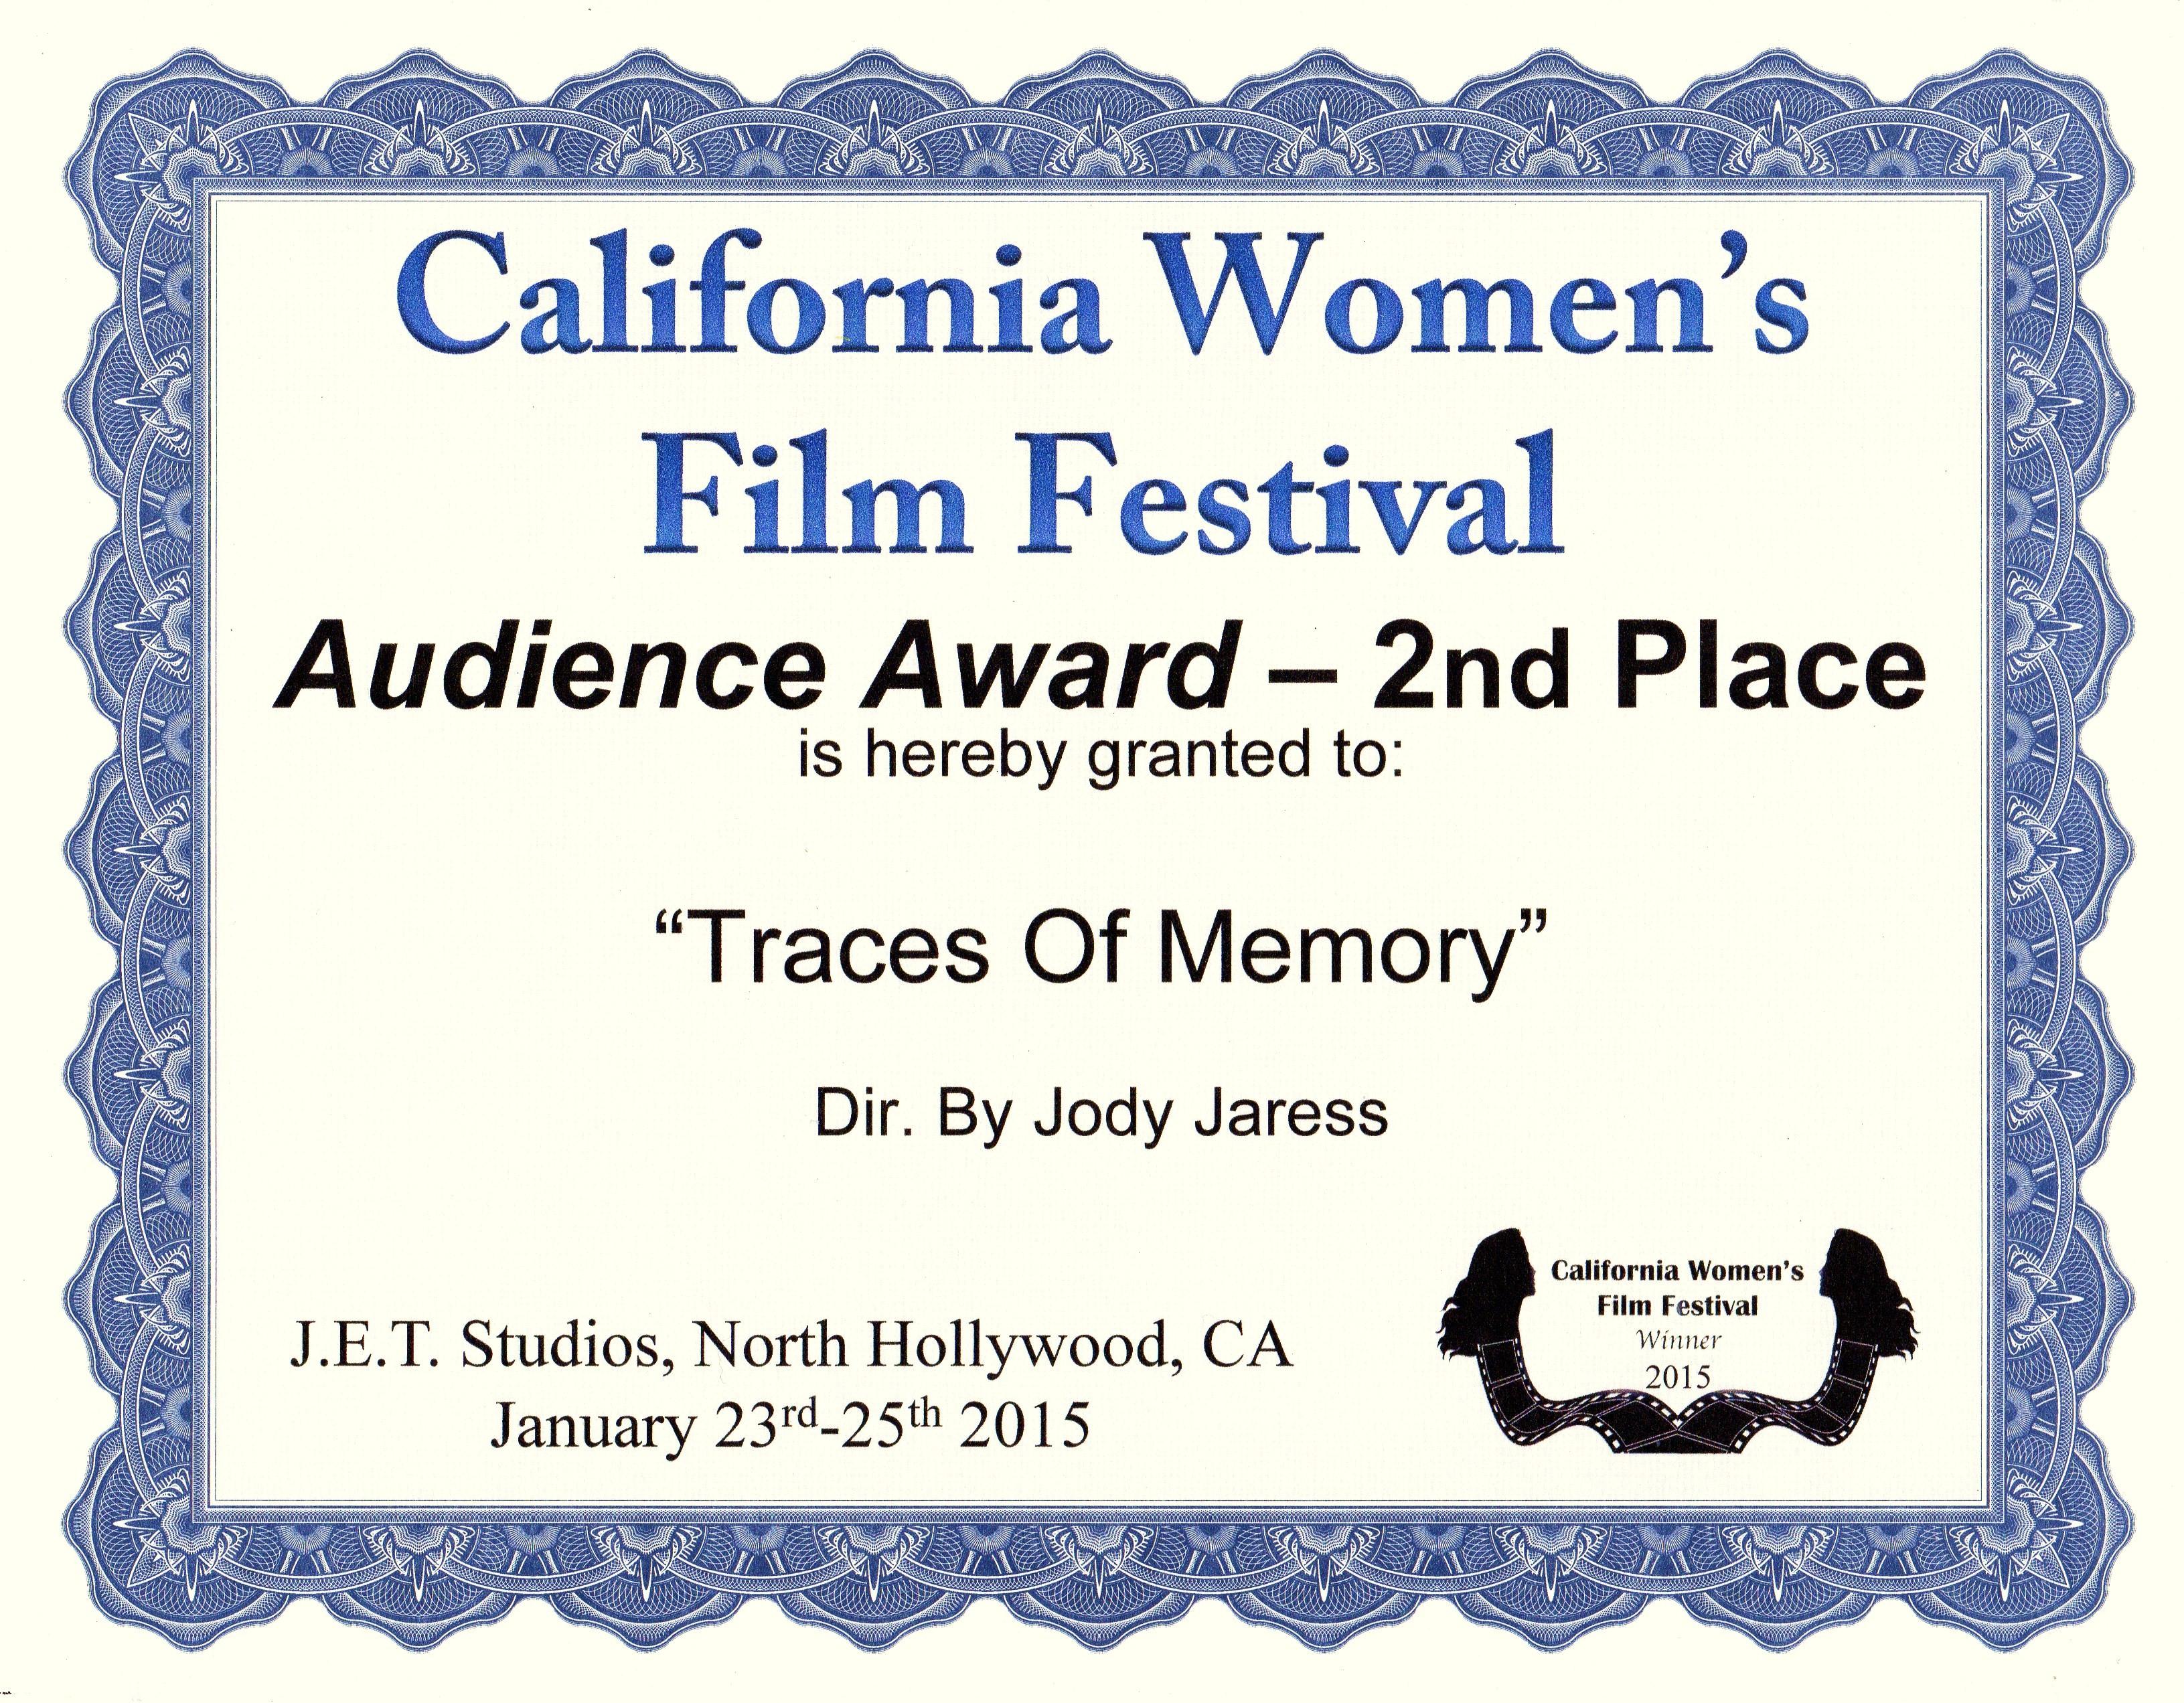 California Women's FilmFestival 2015